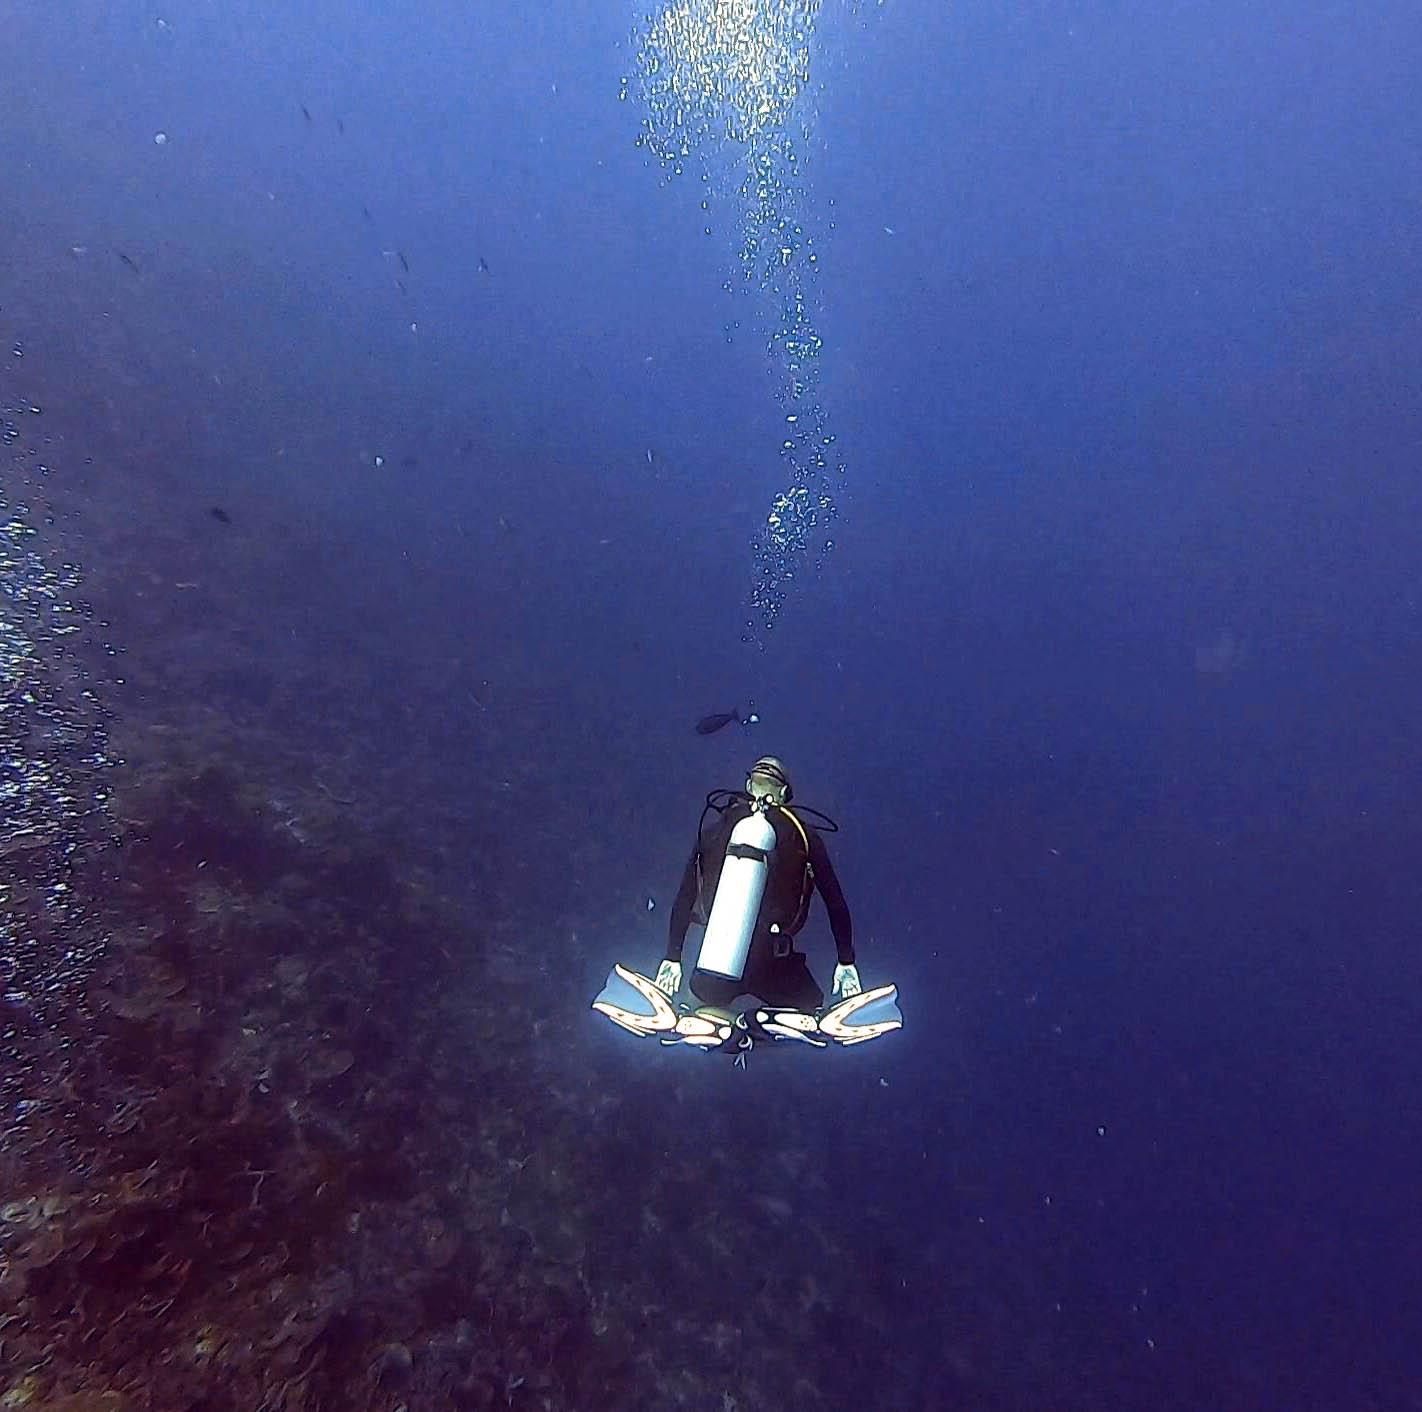 diver floating in meditation pose